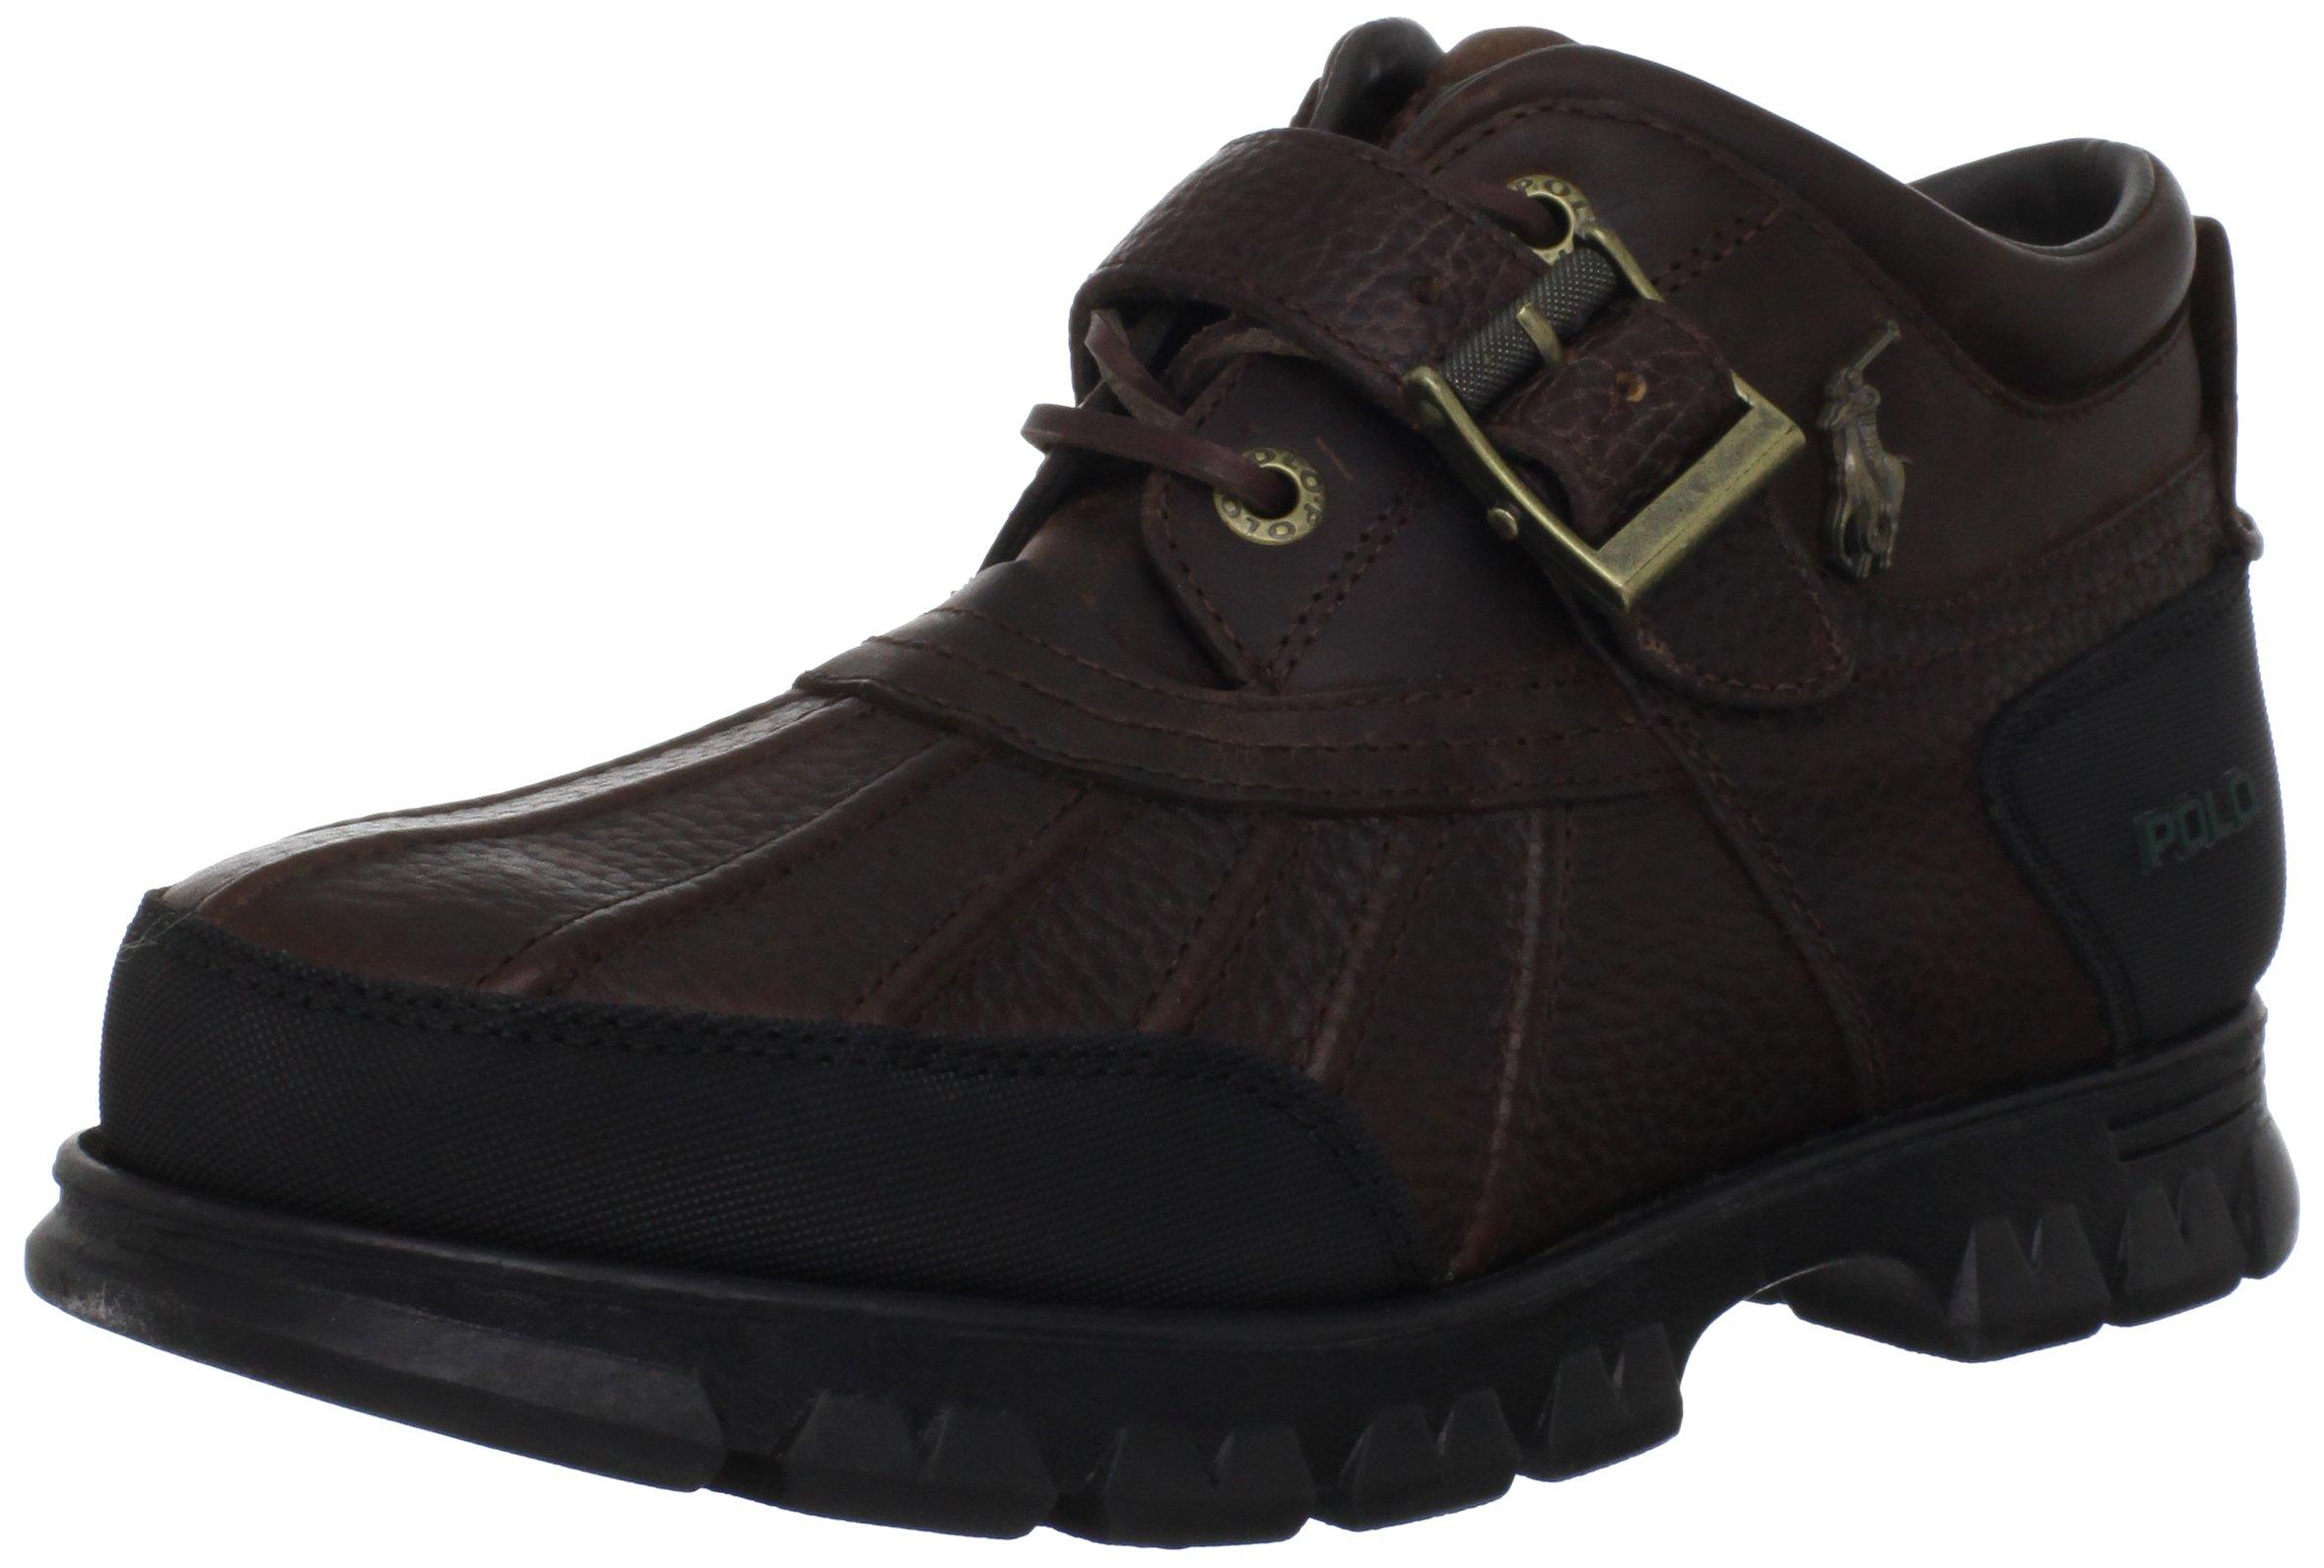 Polo Ralph Lauren Men's Dover III Hiking Boot, Mid Brown/Mid Brown, 12 D US